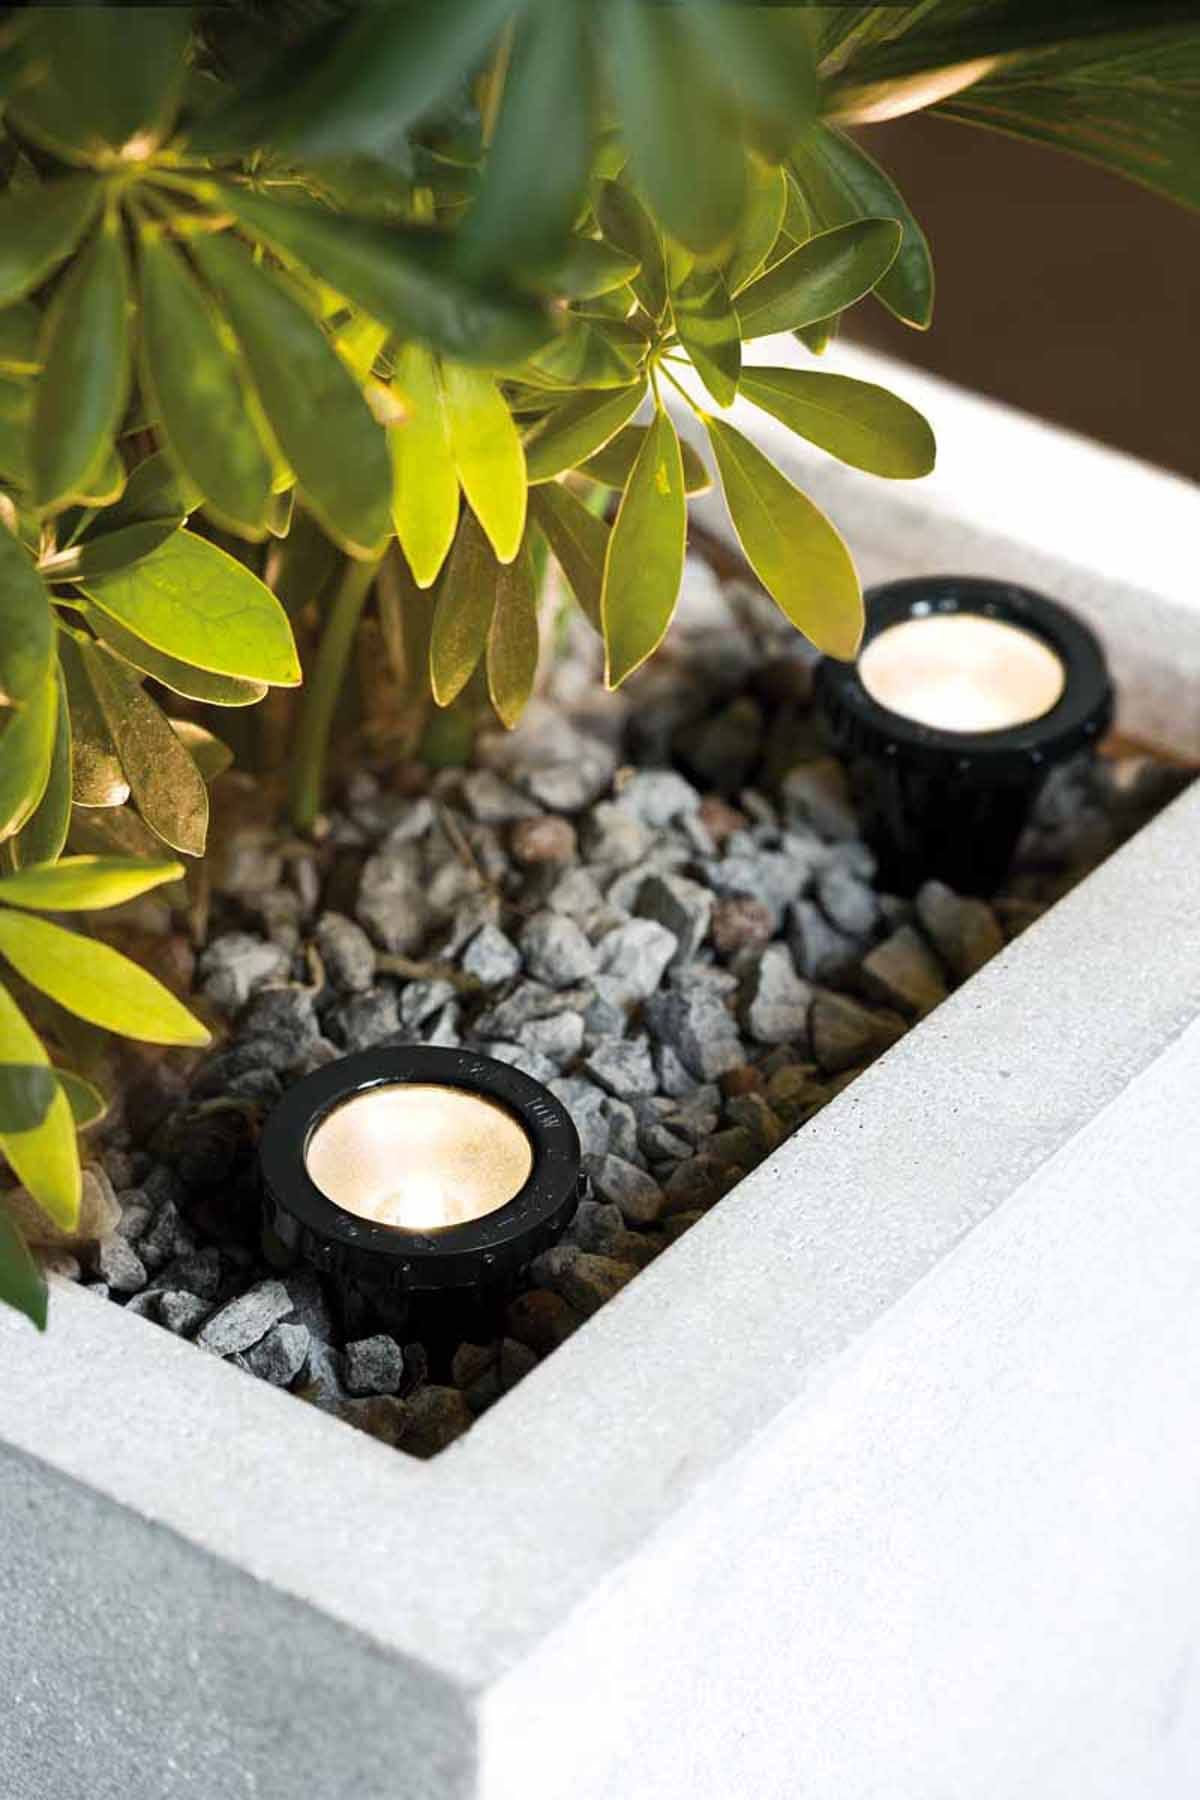 Erdspiess Leuchten Allroundtalente Fur Den Garten Pflanzen Lampen Aussenleuchten Aussenleuchten Haus Aussenbeleuchtung G Tea Light Candle Tea Lights Light